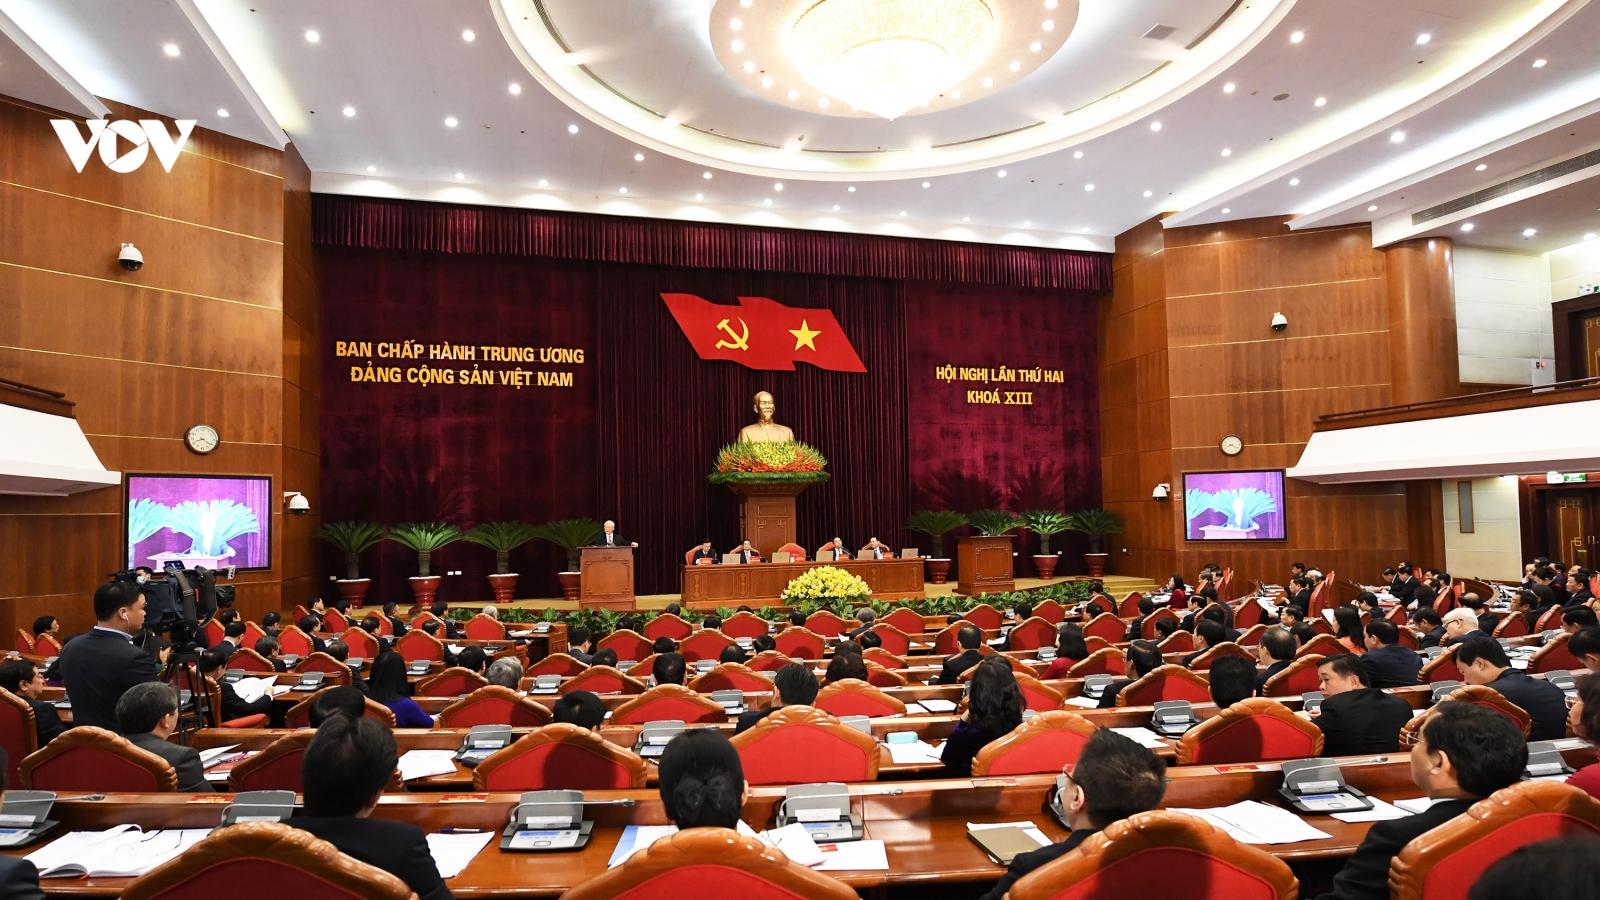 Thông cáongày làm việc thứ nhất của Hội nghị Trung ương 2